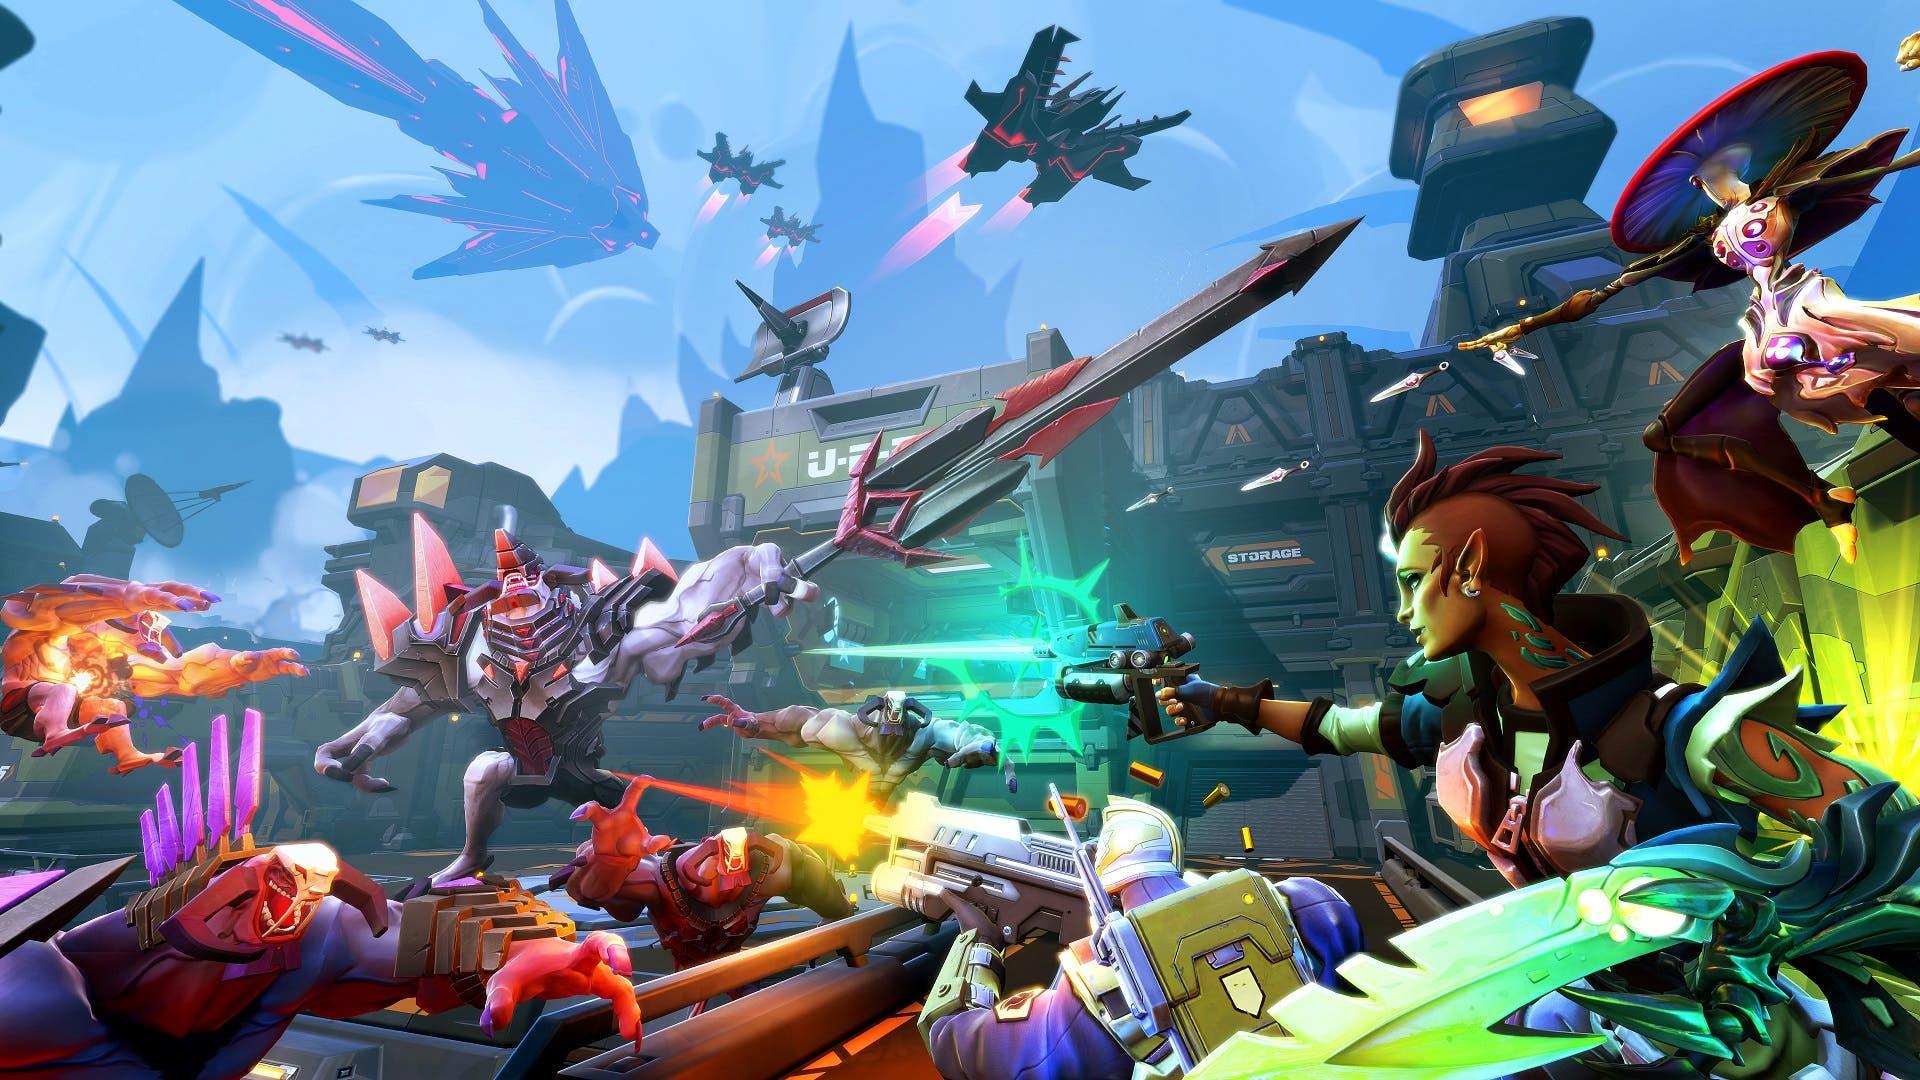 Battleborn featured 1